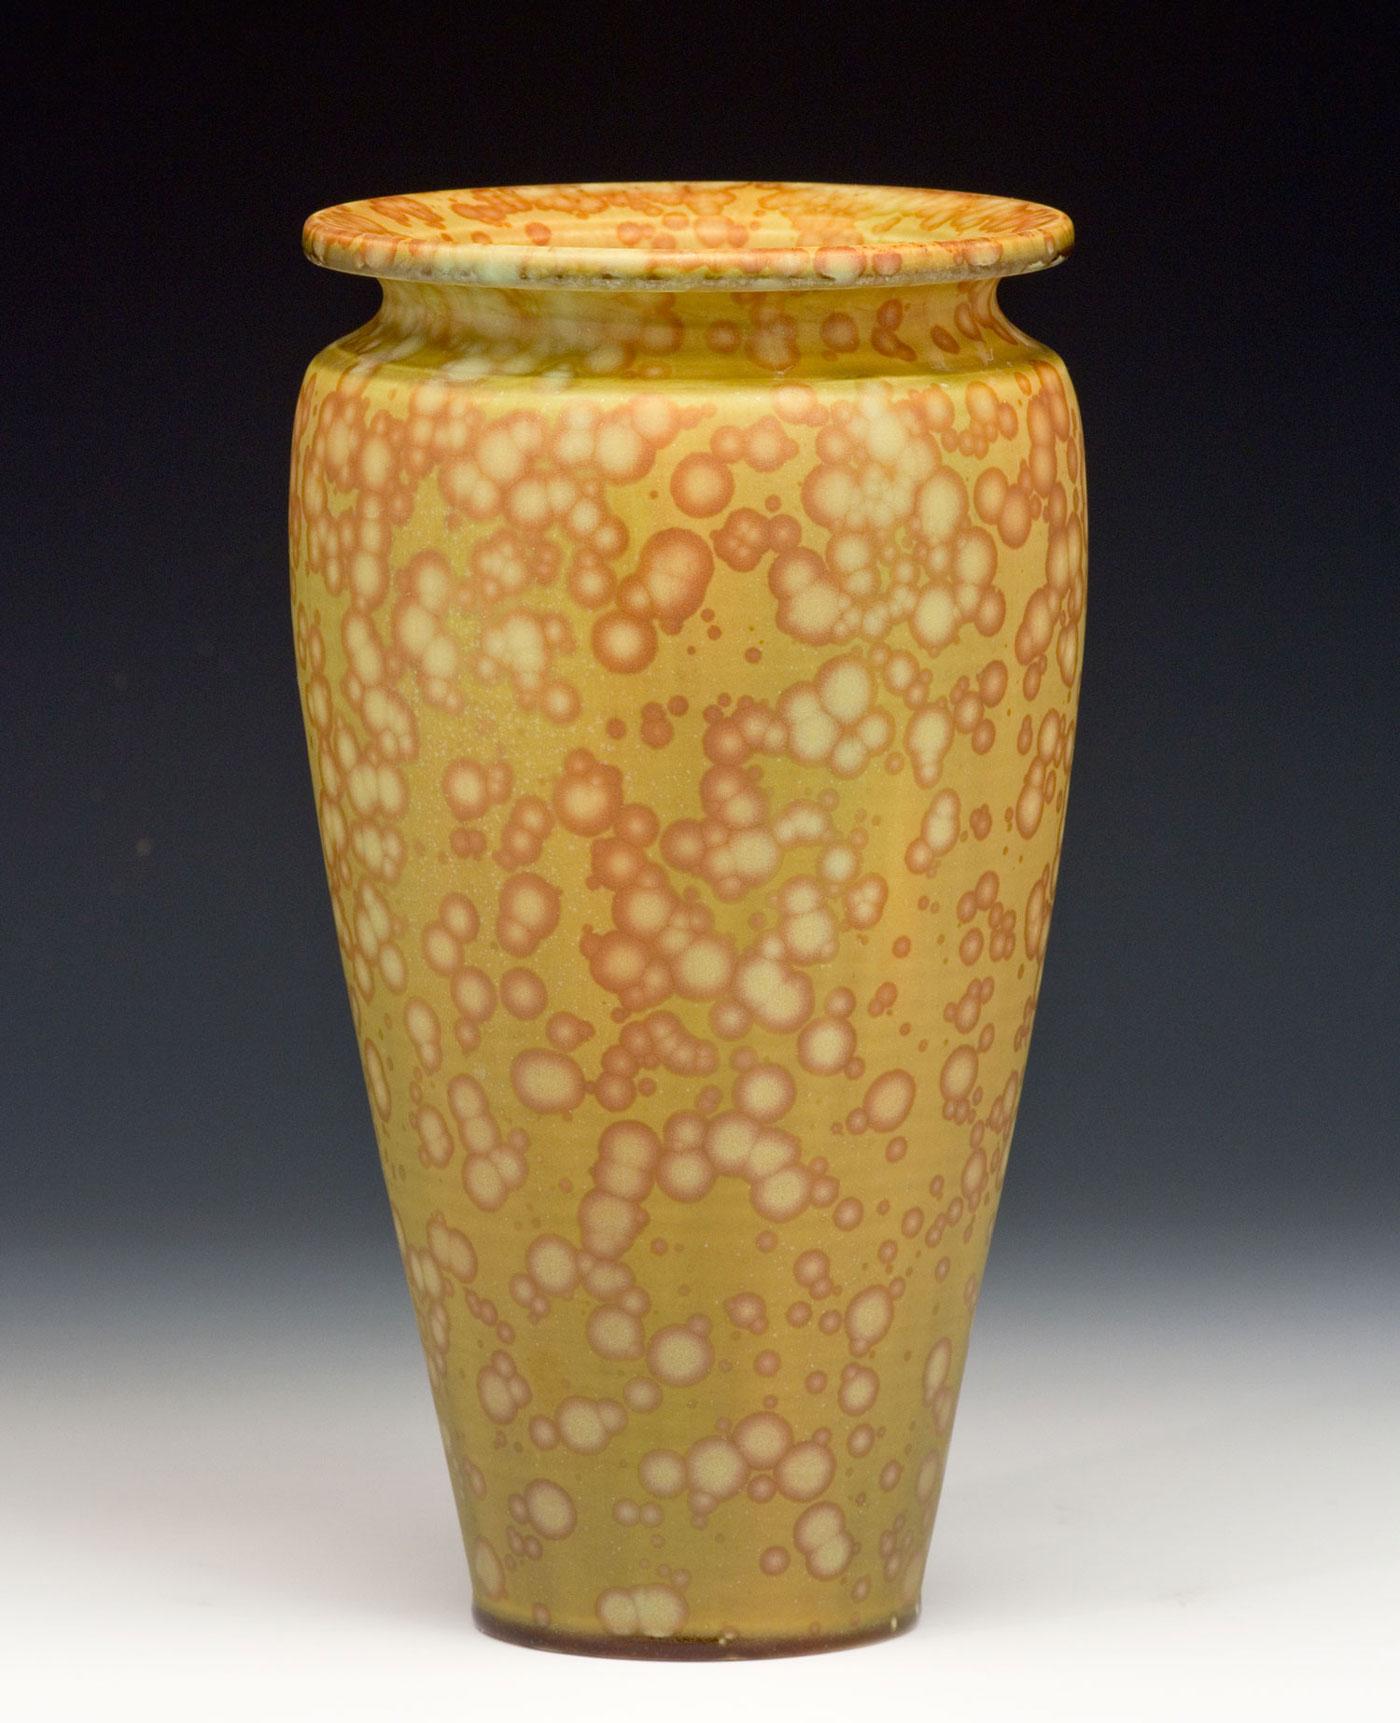 Art-Pottery-Crystalline-Vase-Bruce-Gholson.jpg